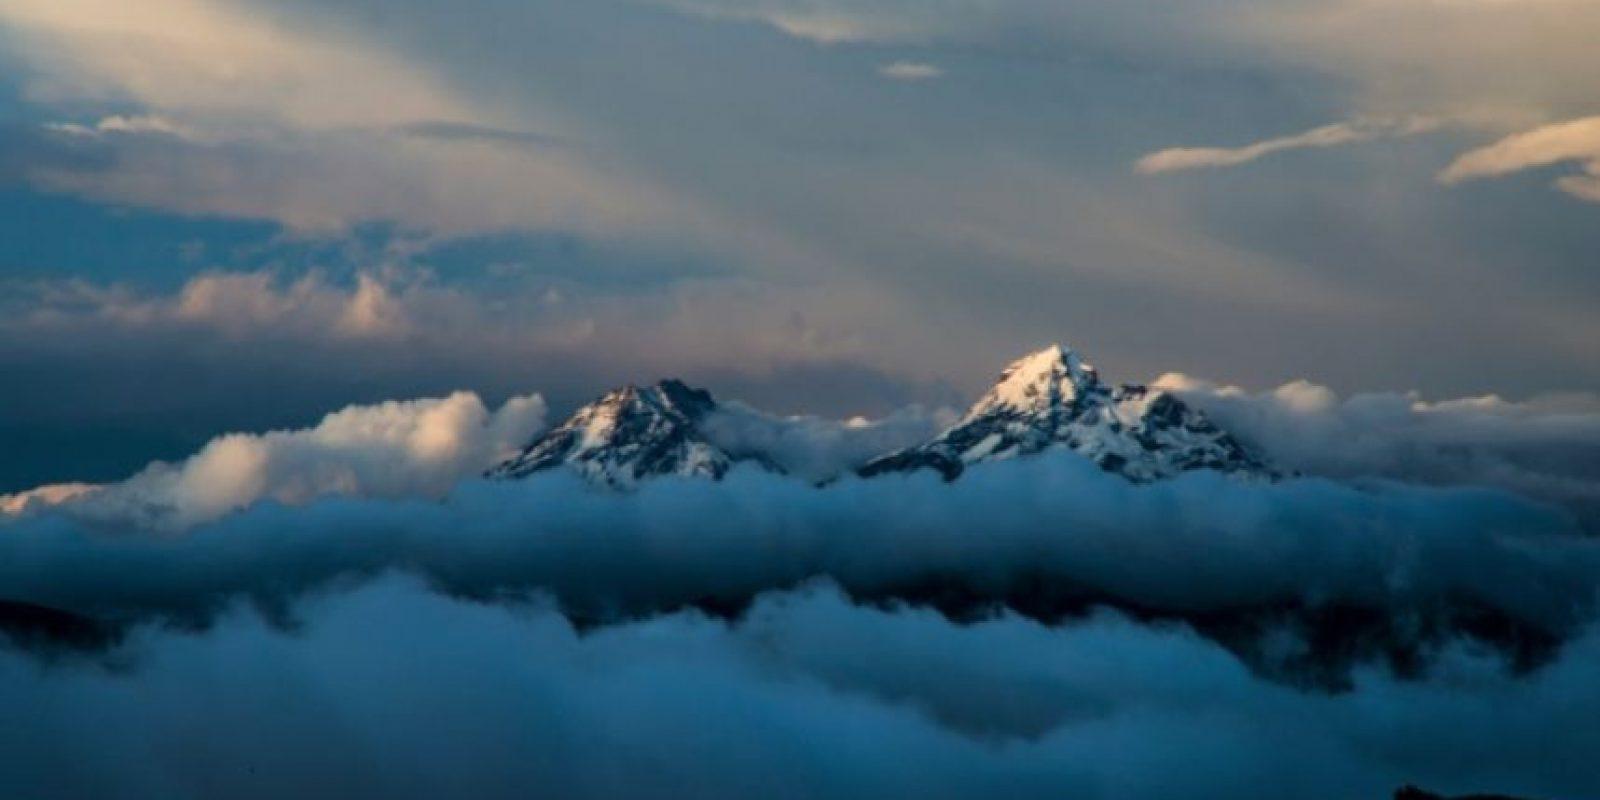 País: Ecuador / Categoría: Secretos la Ciudad Foto:David Chandi